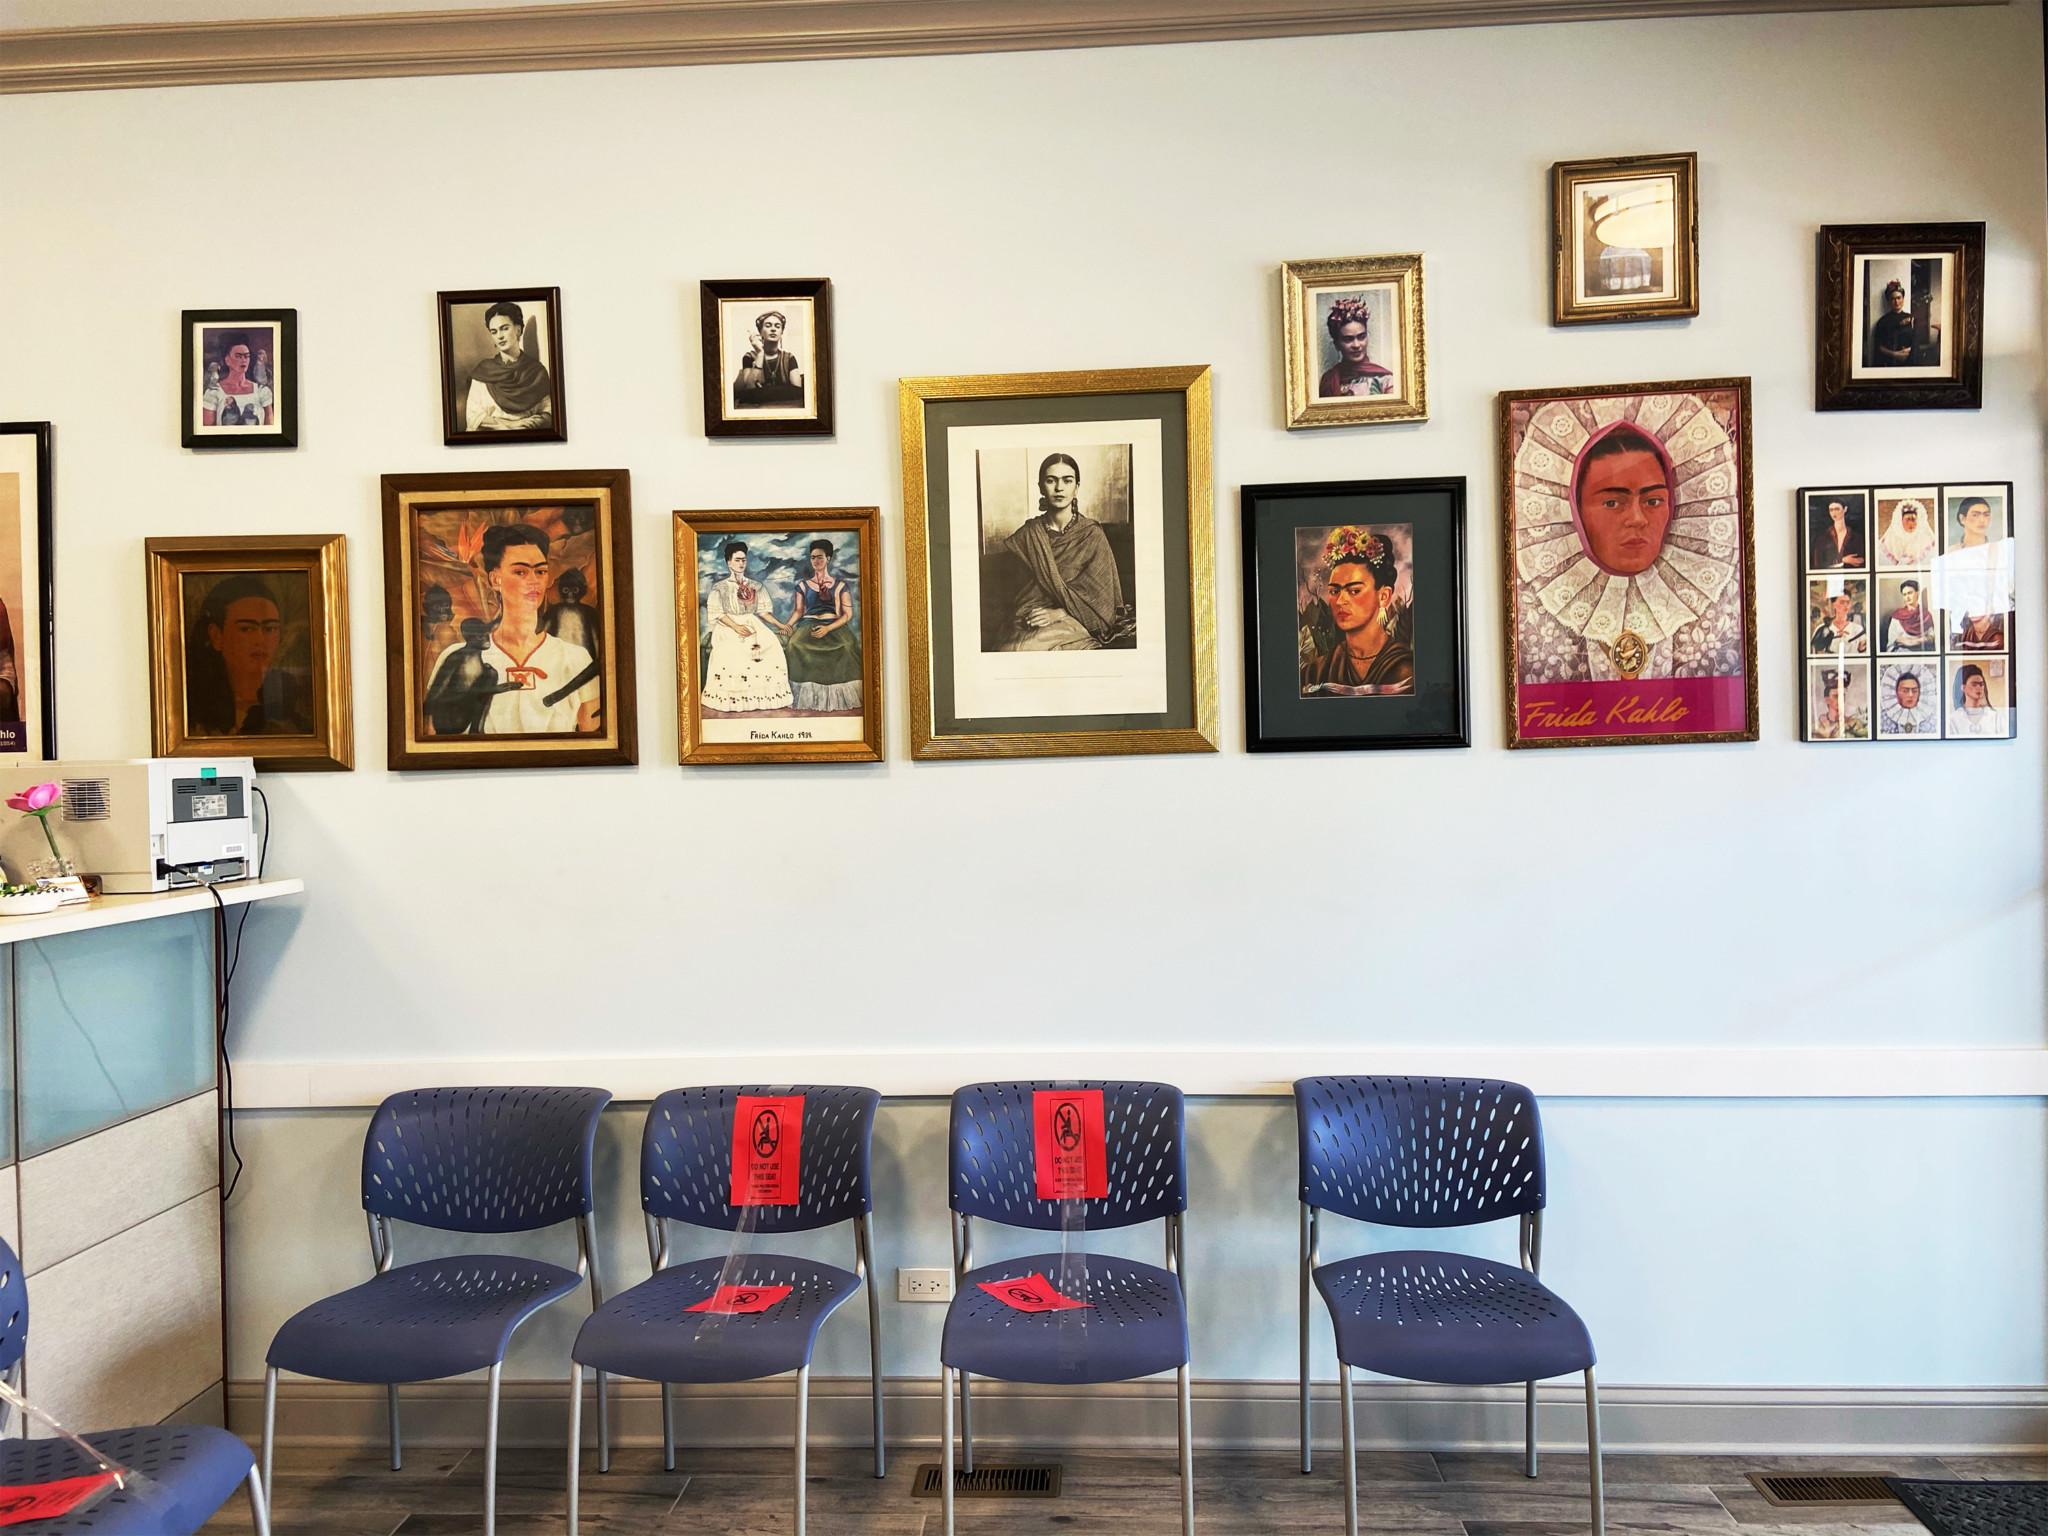 The Frida Kahlo Organization